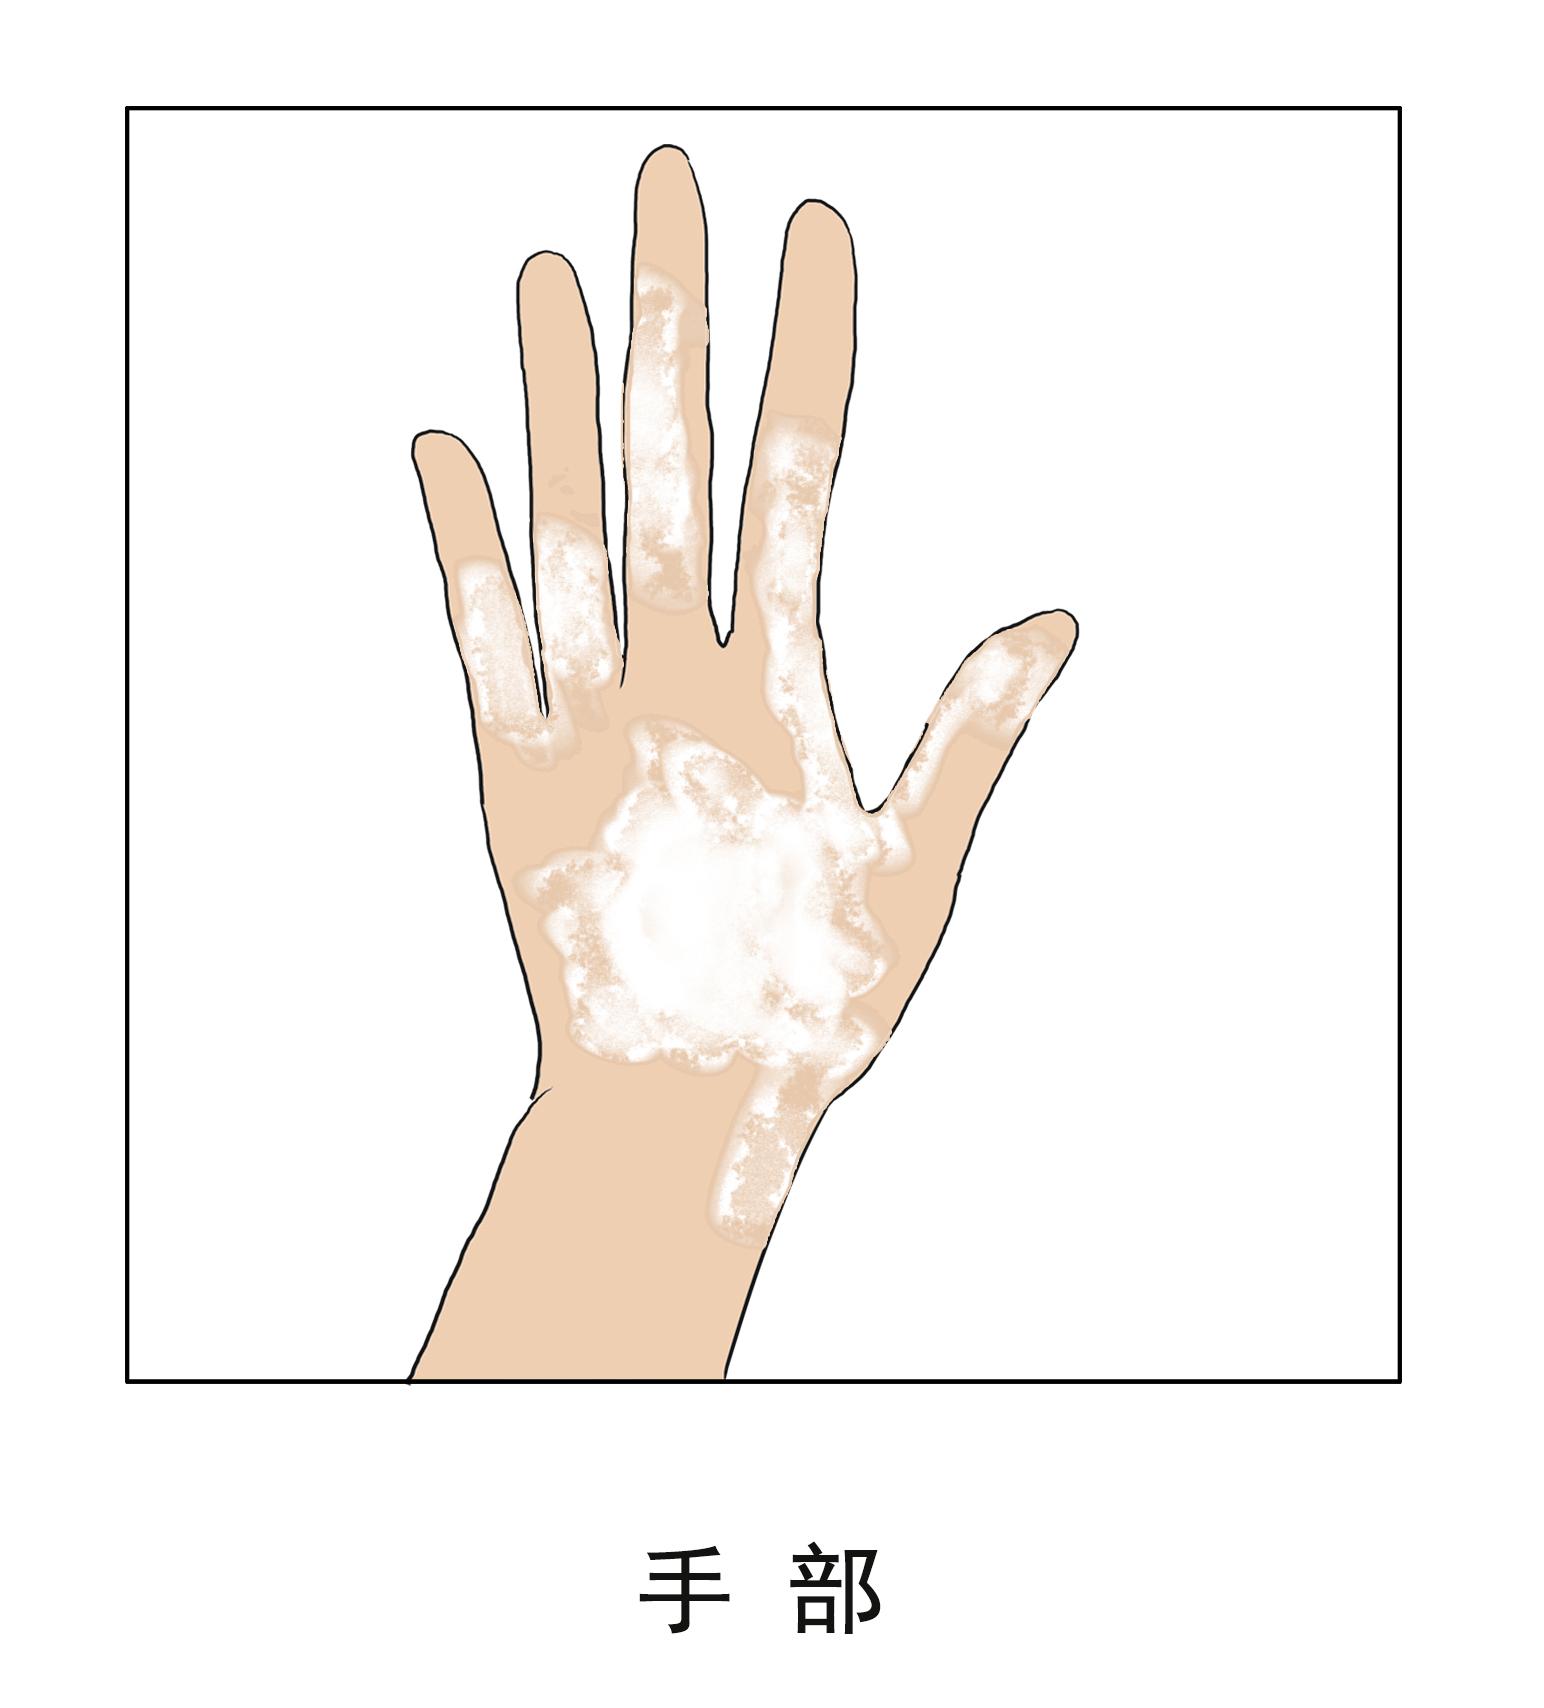 昆明白斑病医院哪家最好?手部白癜风怎么治疗好